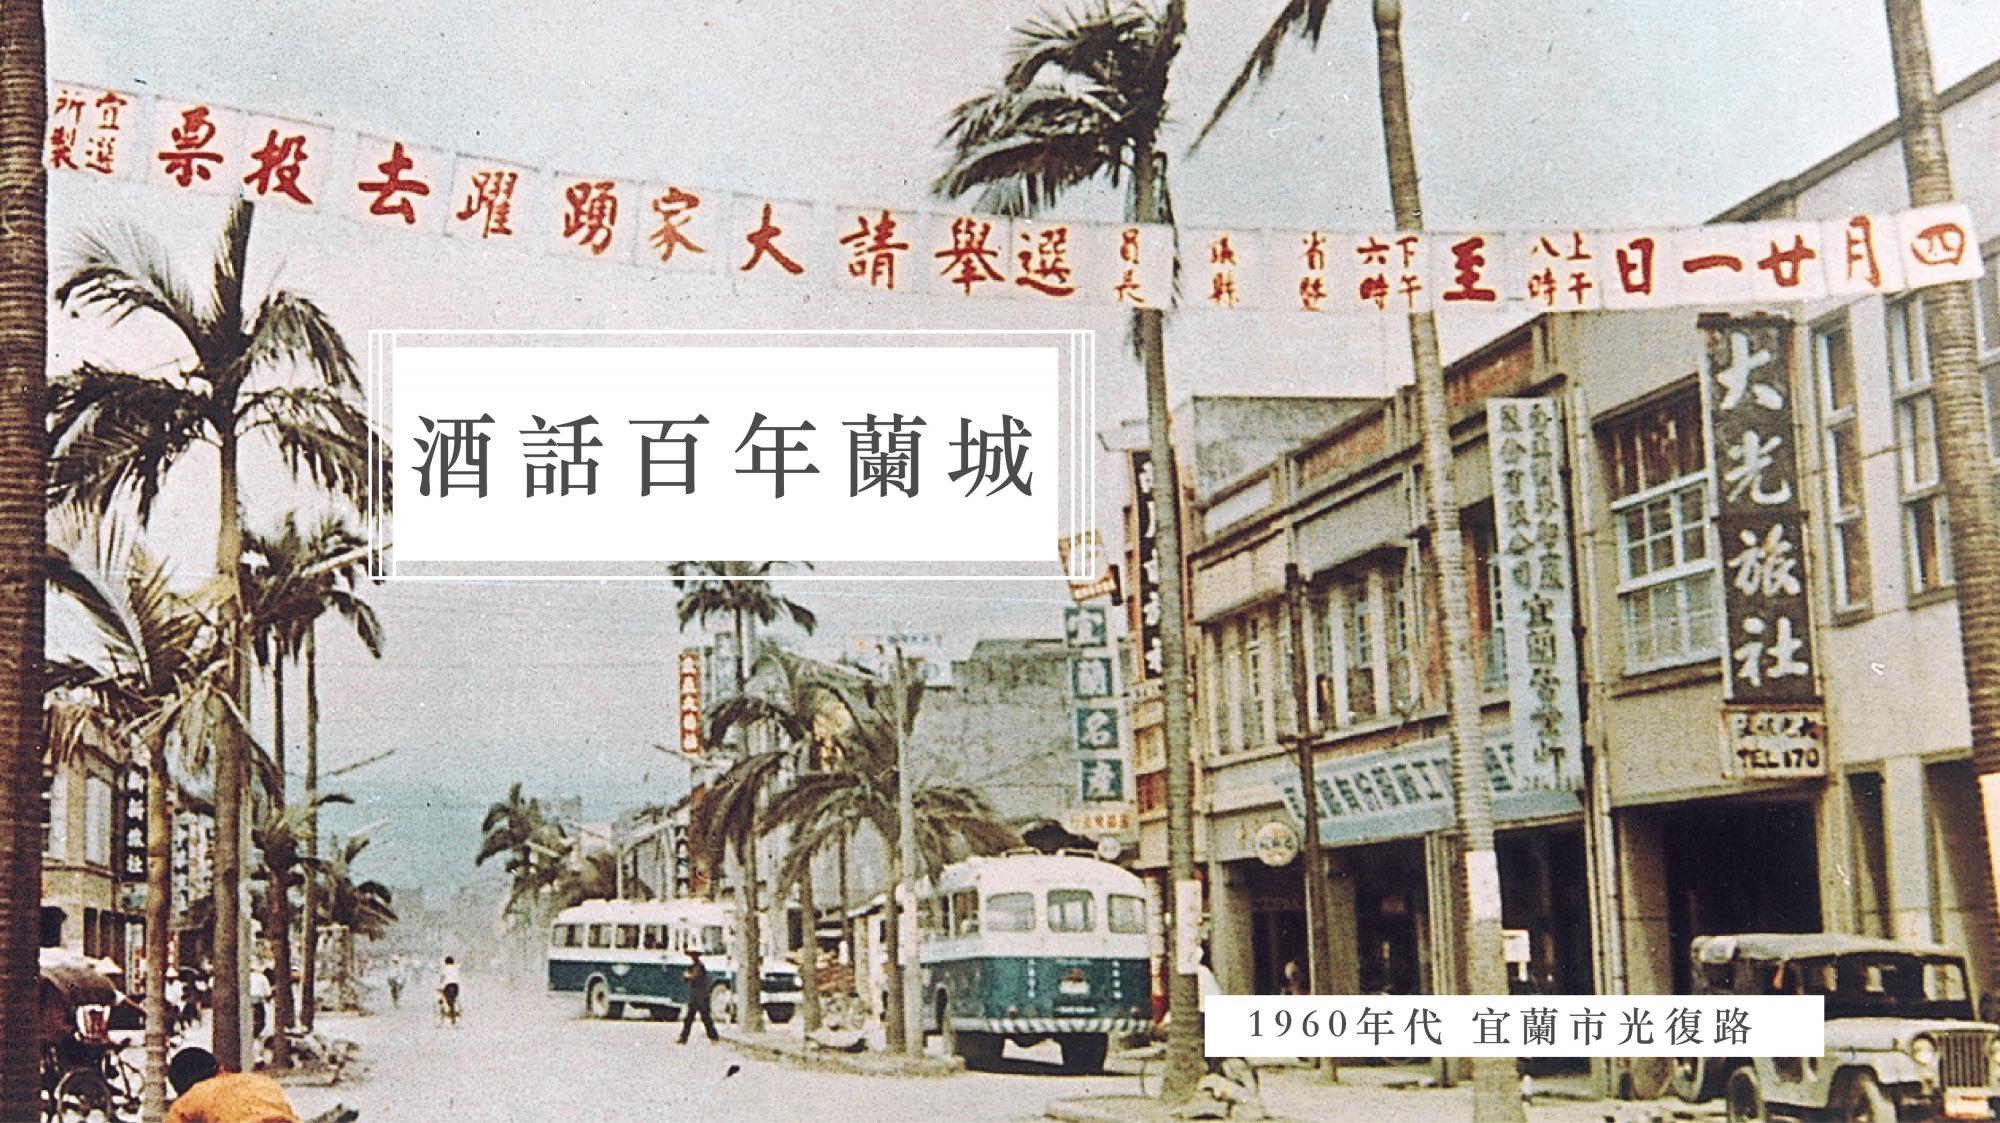 酒話百年蘭城 官網-01.jpg